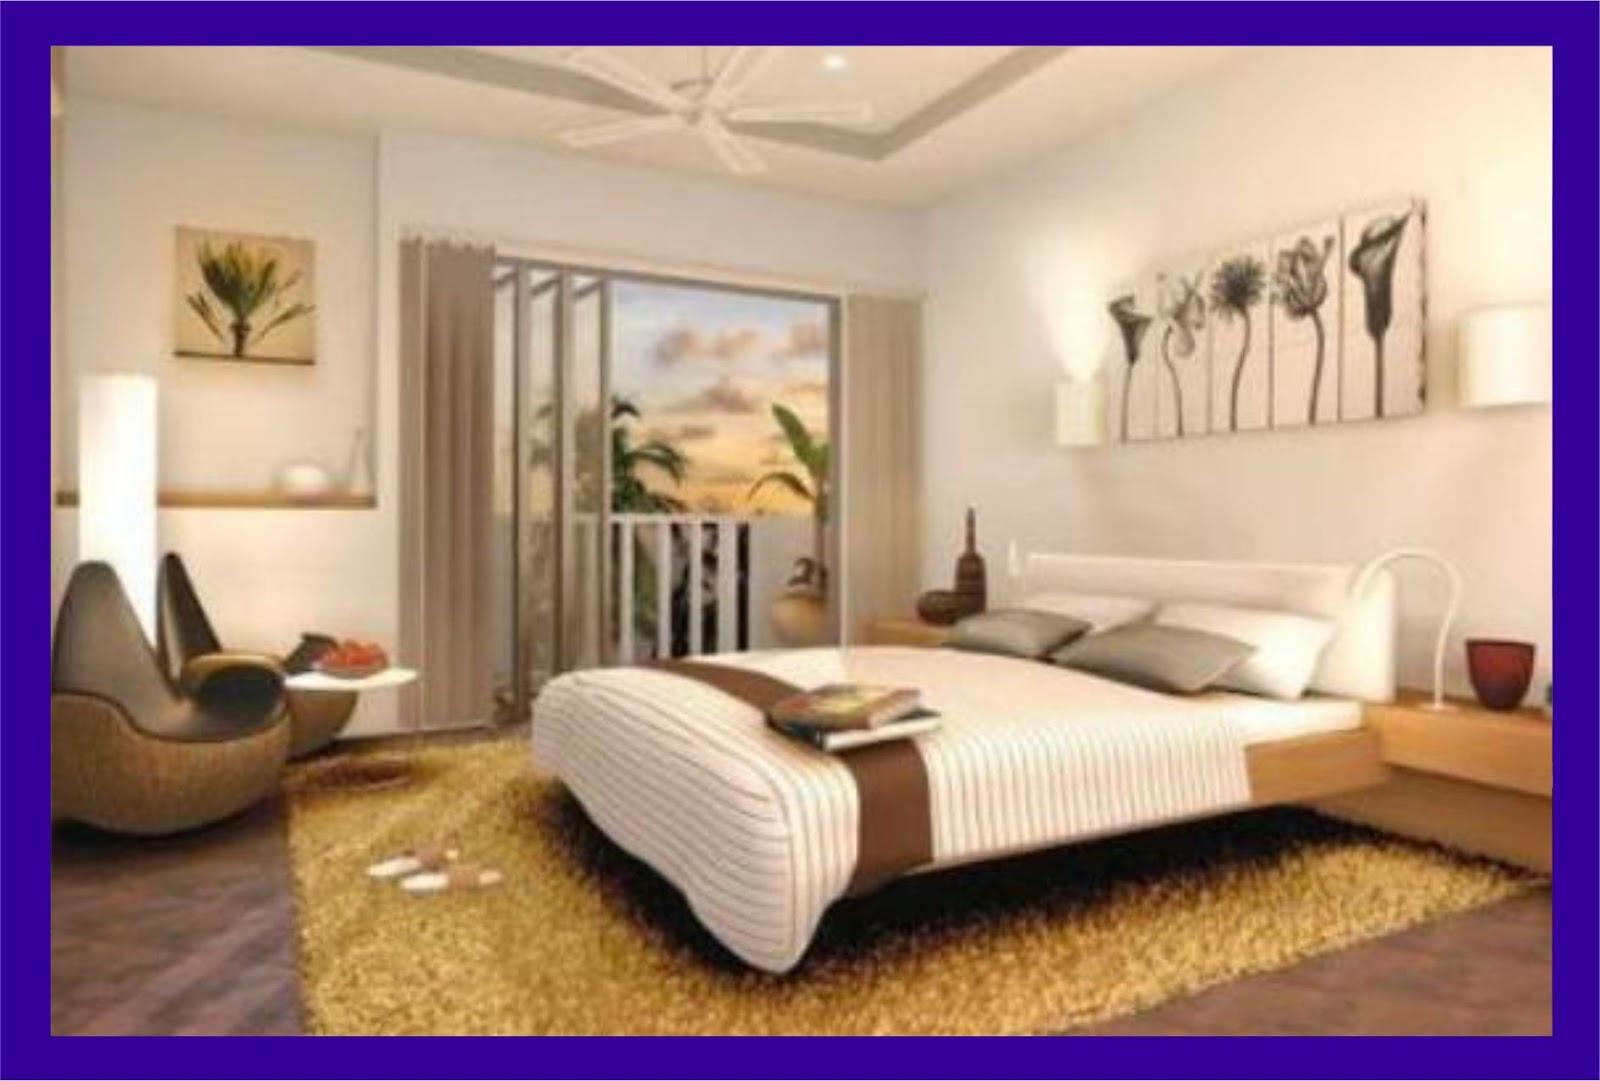 desain kamar tidur modern minimalis yang nyaman luas - desain rumah